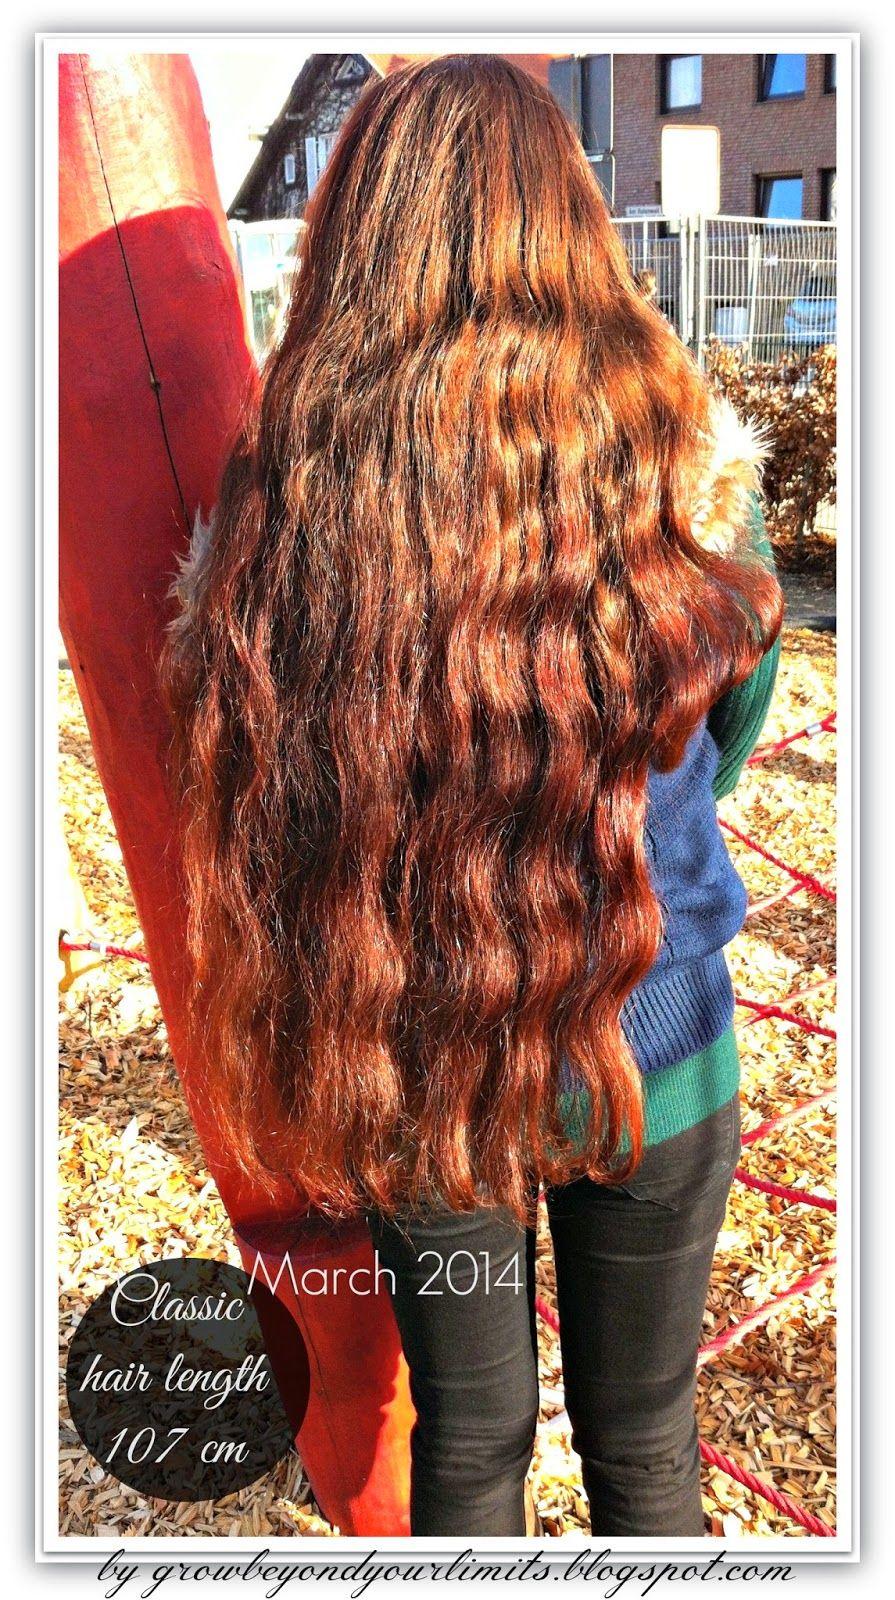 Classic hair length super long hair red hair redhead ginger